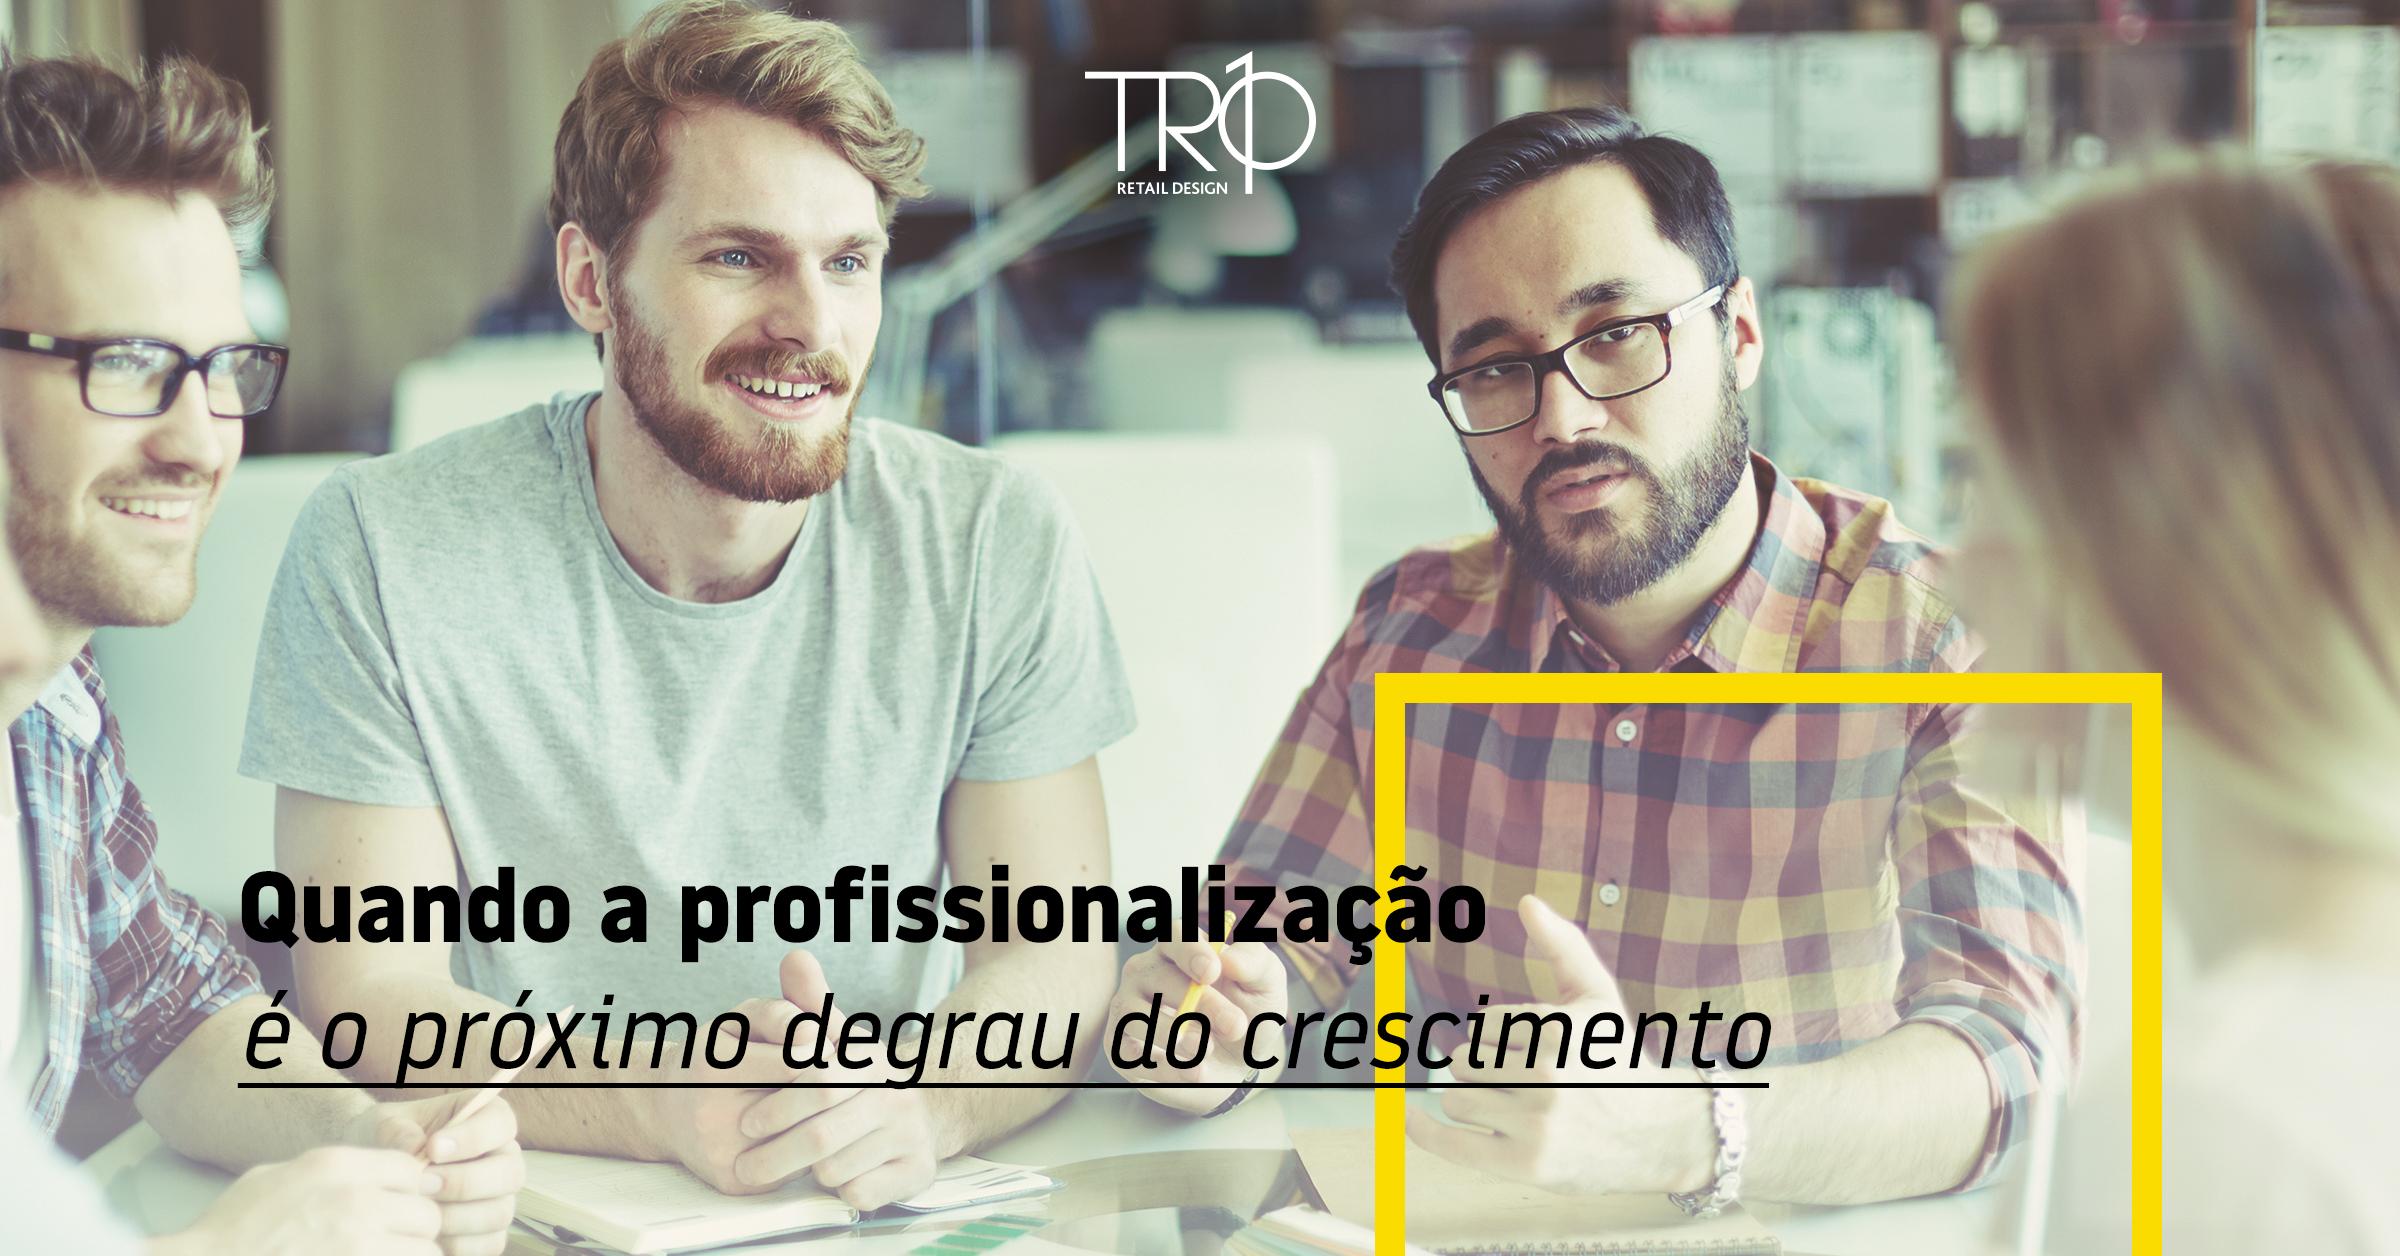 03-TR10-RedesSociais-Linkedin.jpg